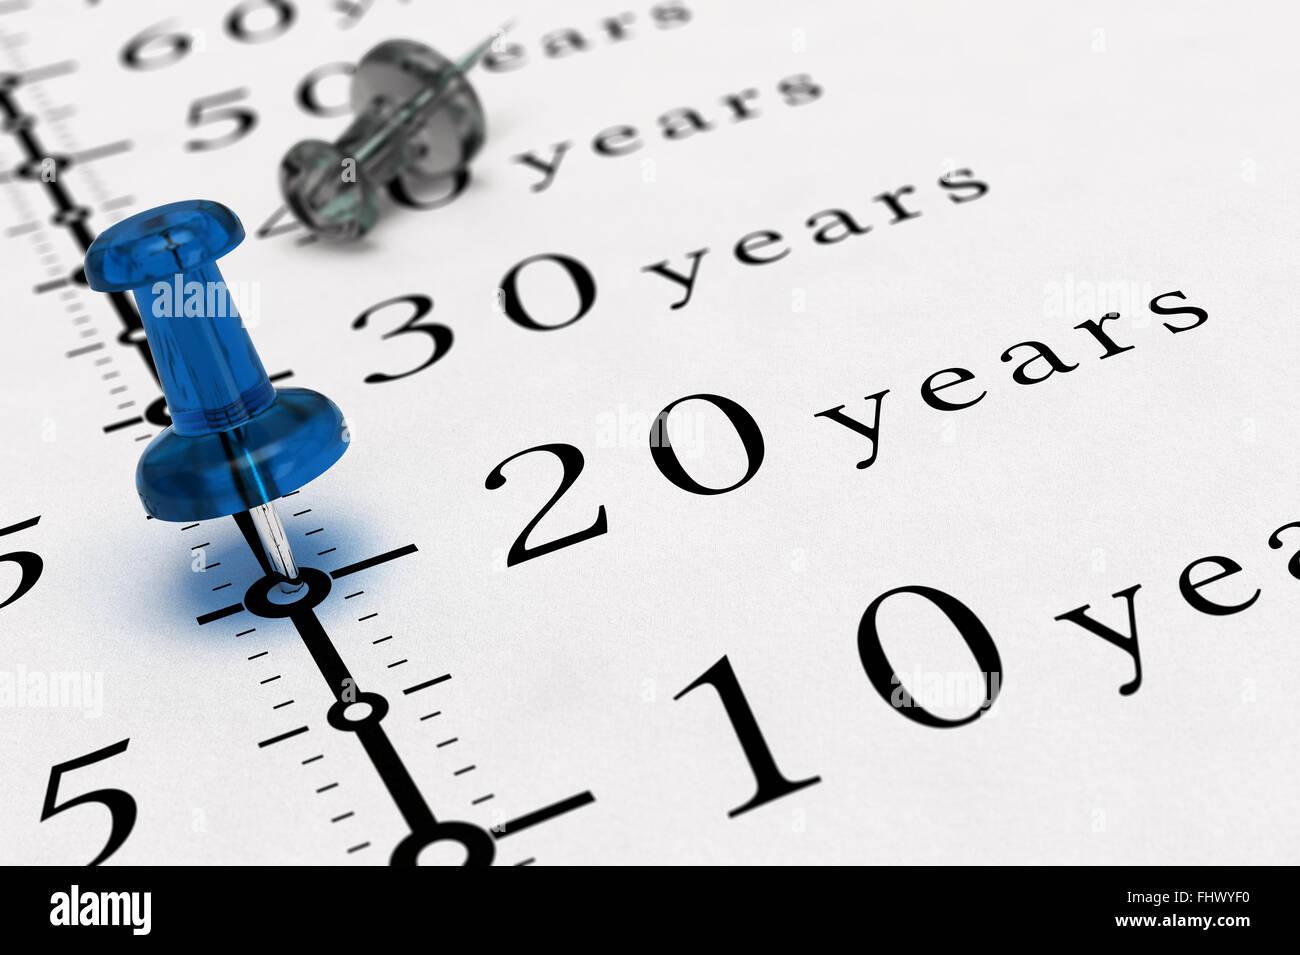 20 Jahre auf ein Papier mit einem blauen PIN, Konzept-Image für Business-Vision oder langfristige prospektive Stockbild